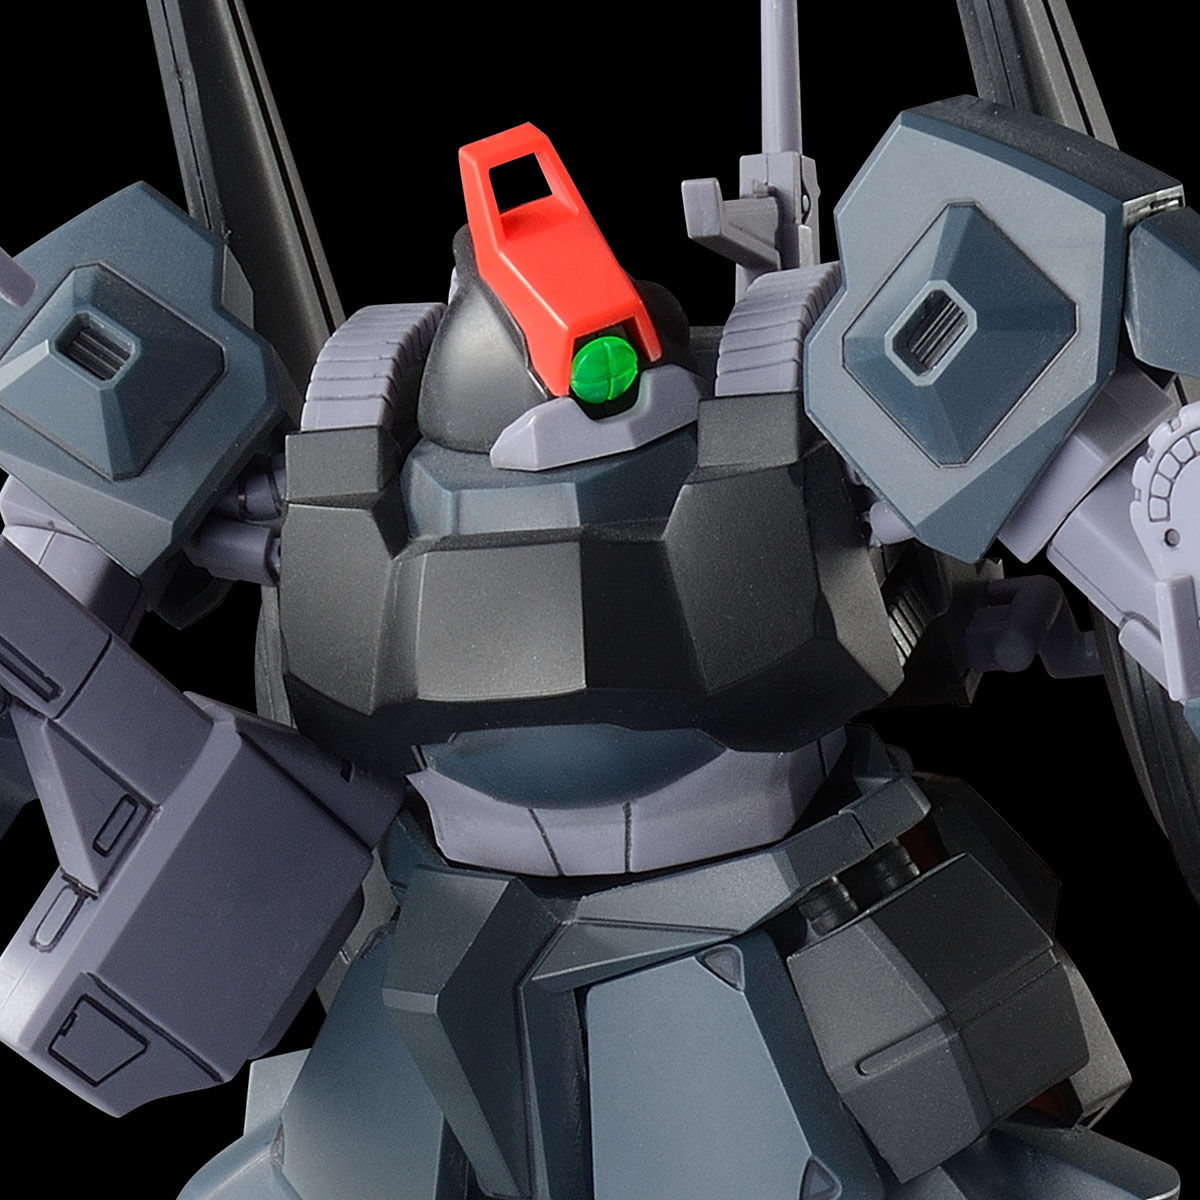 【限定販売】HG 1/144『リック・ディアス』機動戦士Zガンダム プラモデル-001